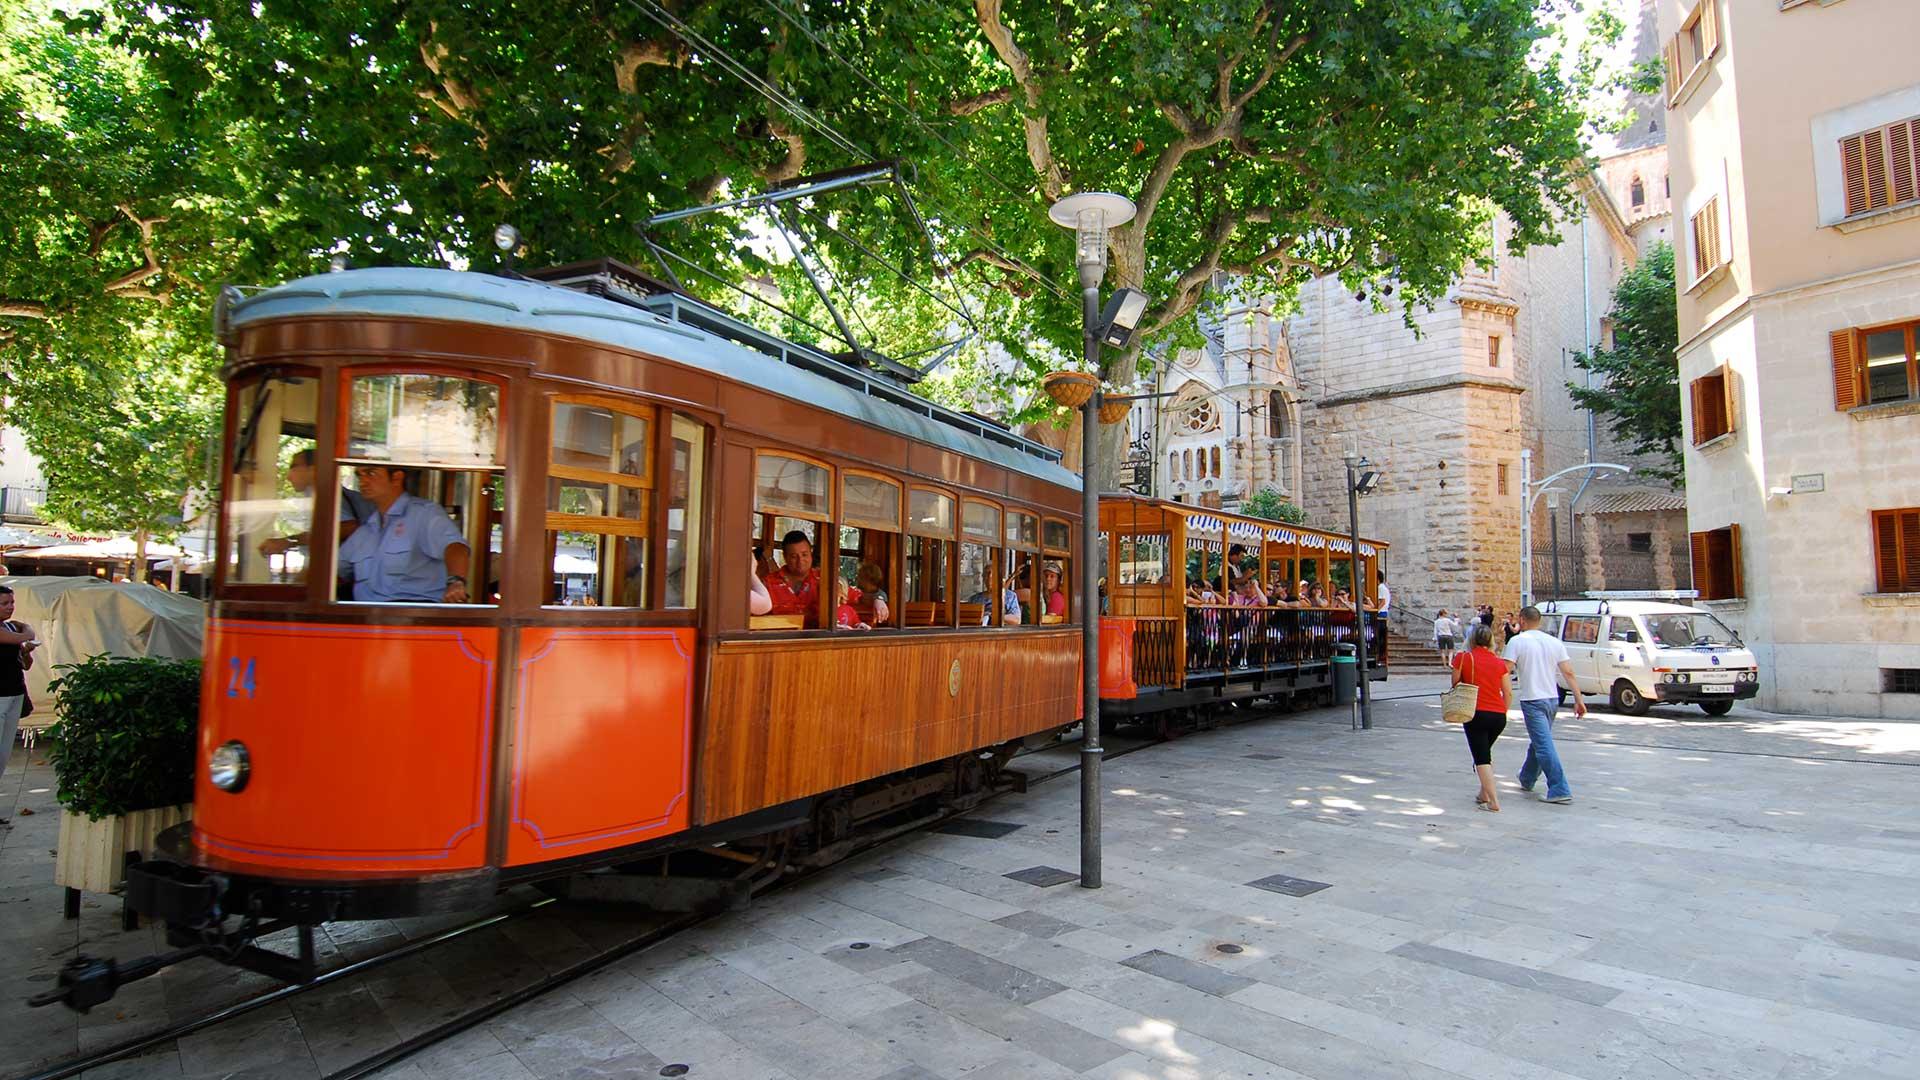 Tren de Soller AETIB 3 - Paisajes de otoño en Mallorca: Viaje en tren al Valle de los Naranjos de Sóller